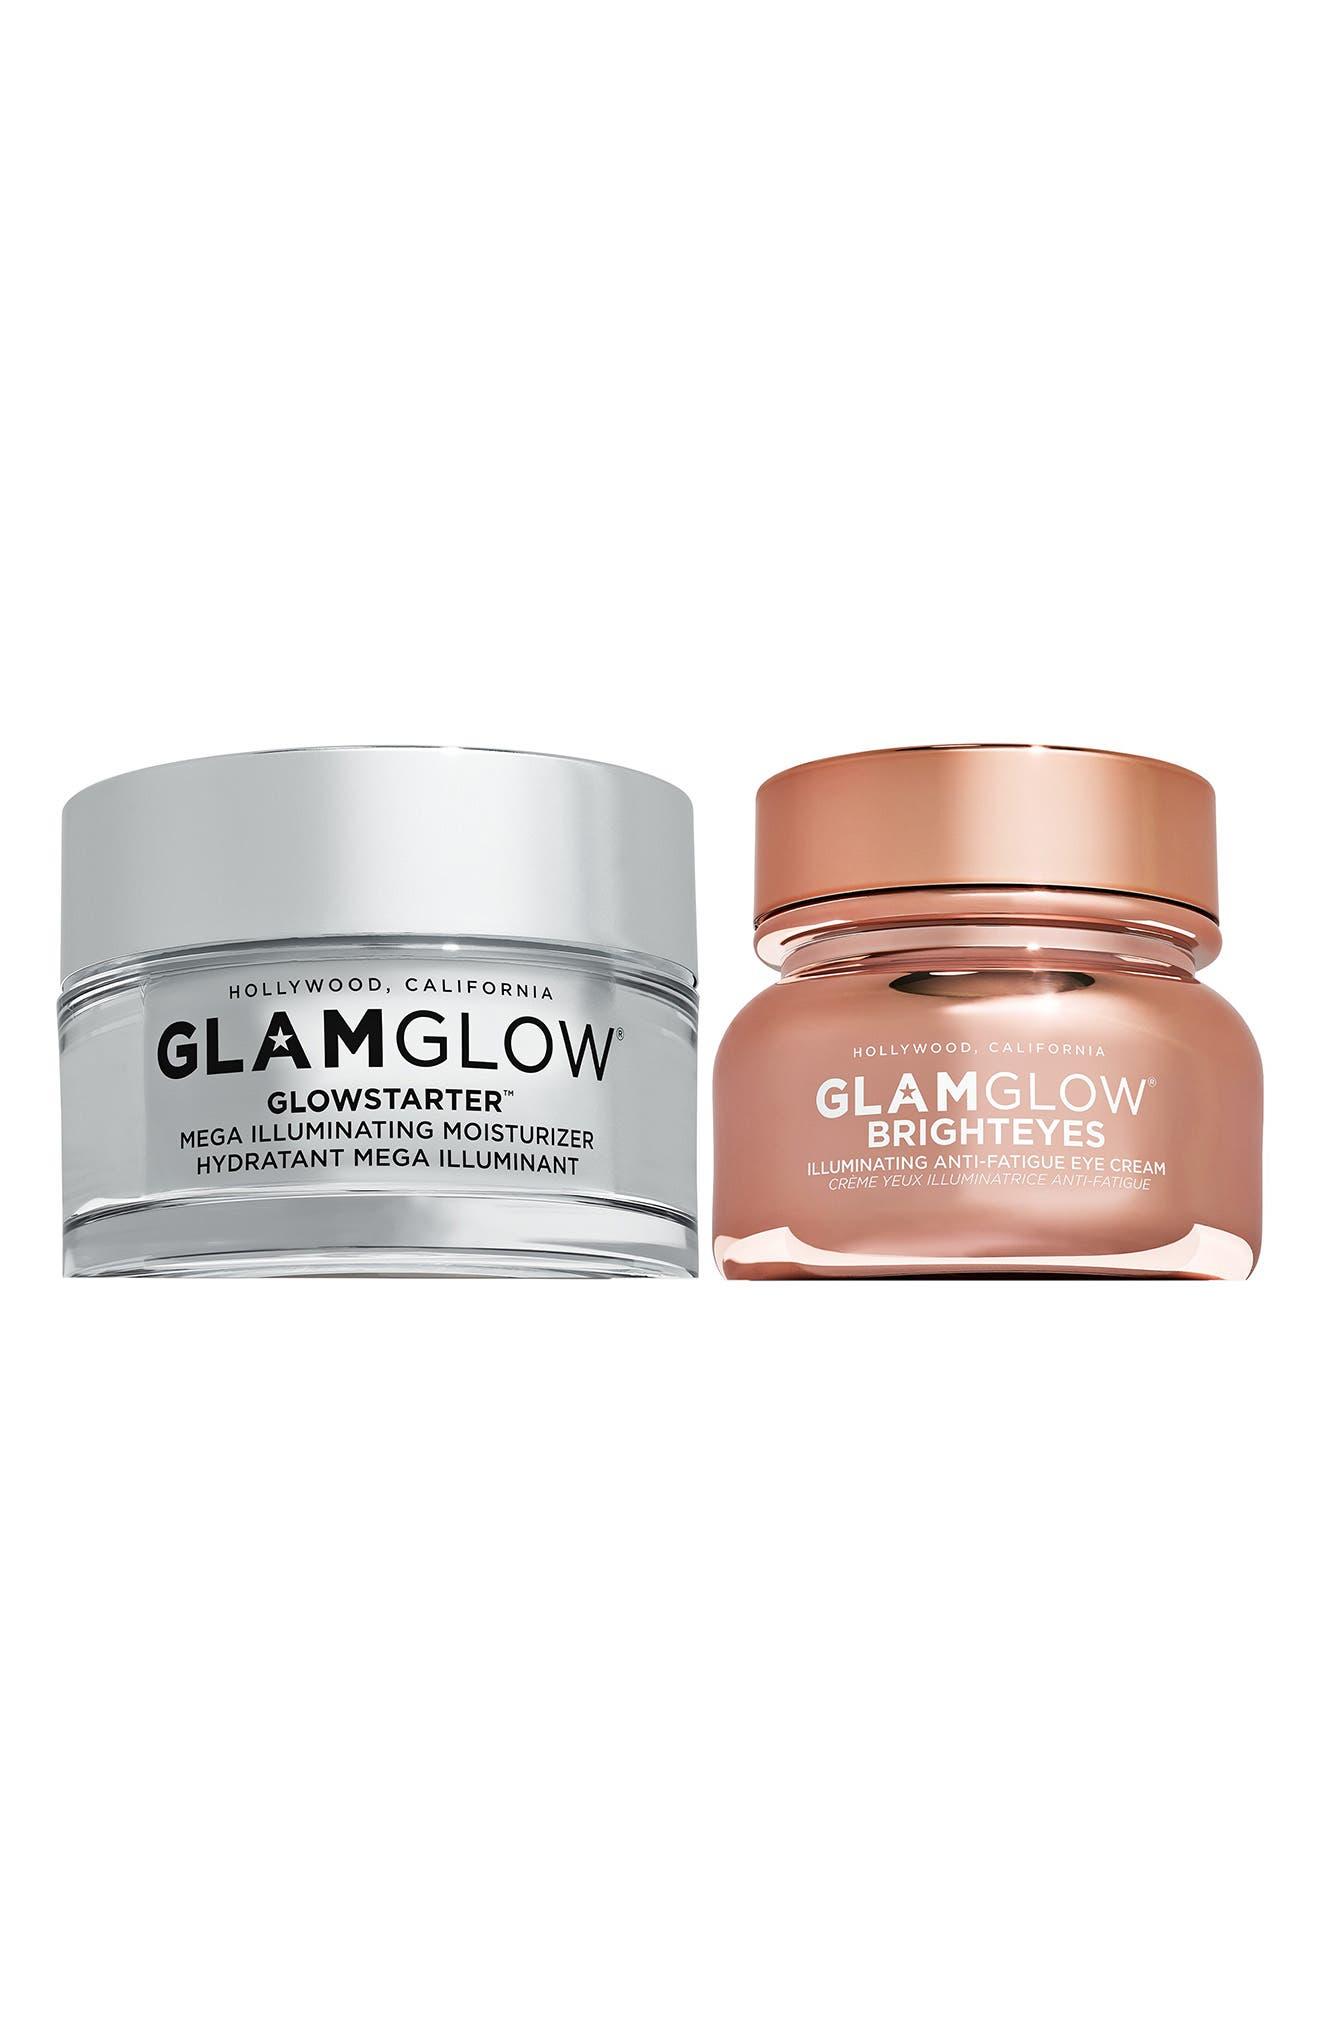 Glamglow Brighteyes & Glowstarter(TM) Set (Nordstrom Exclusive) ($89 Value)